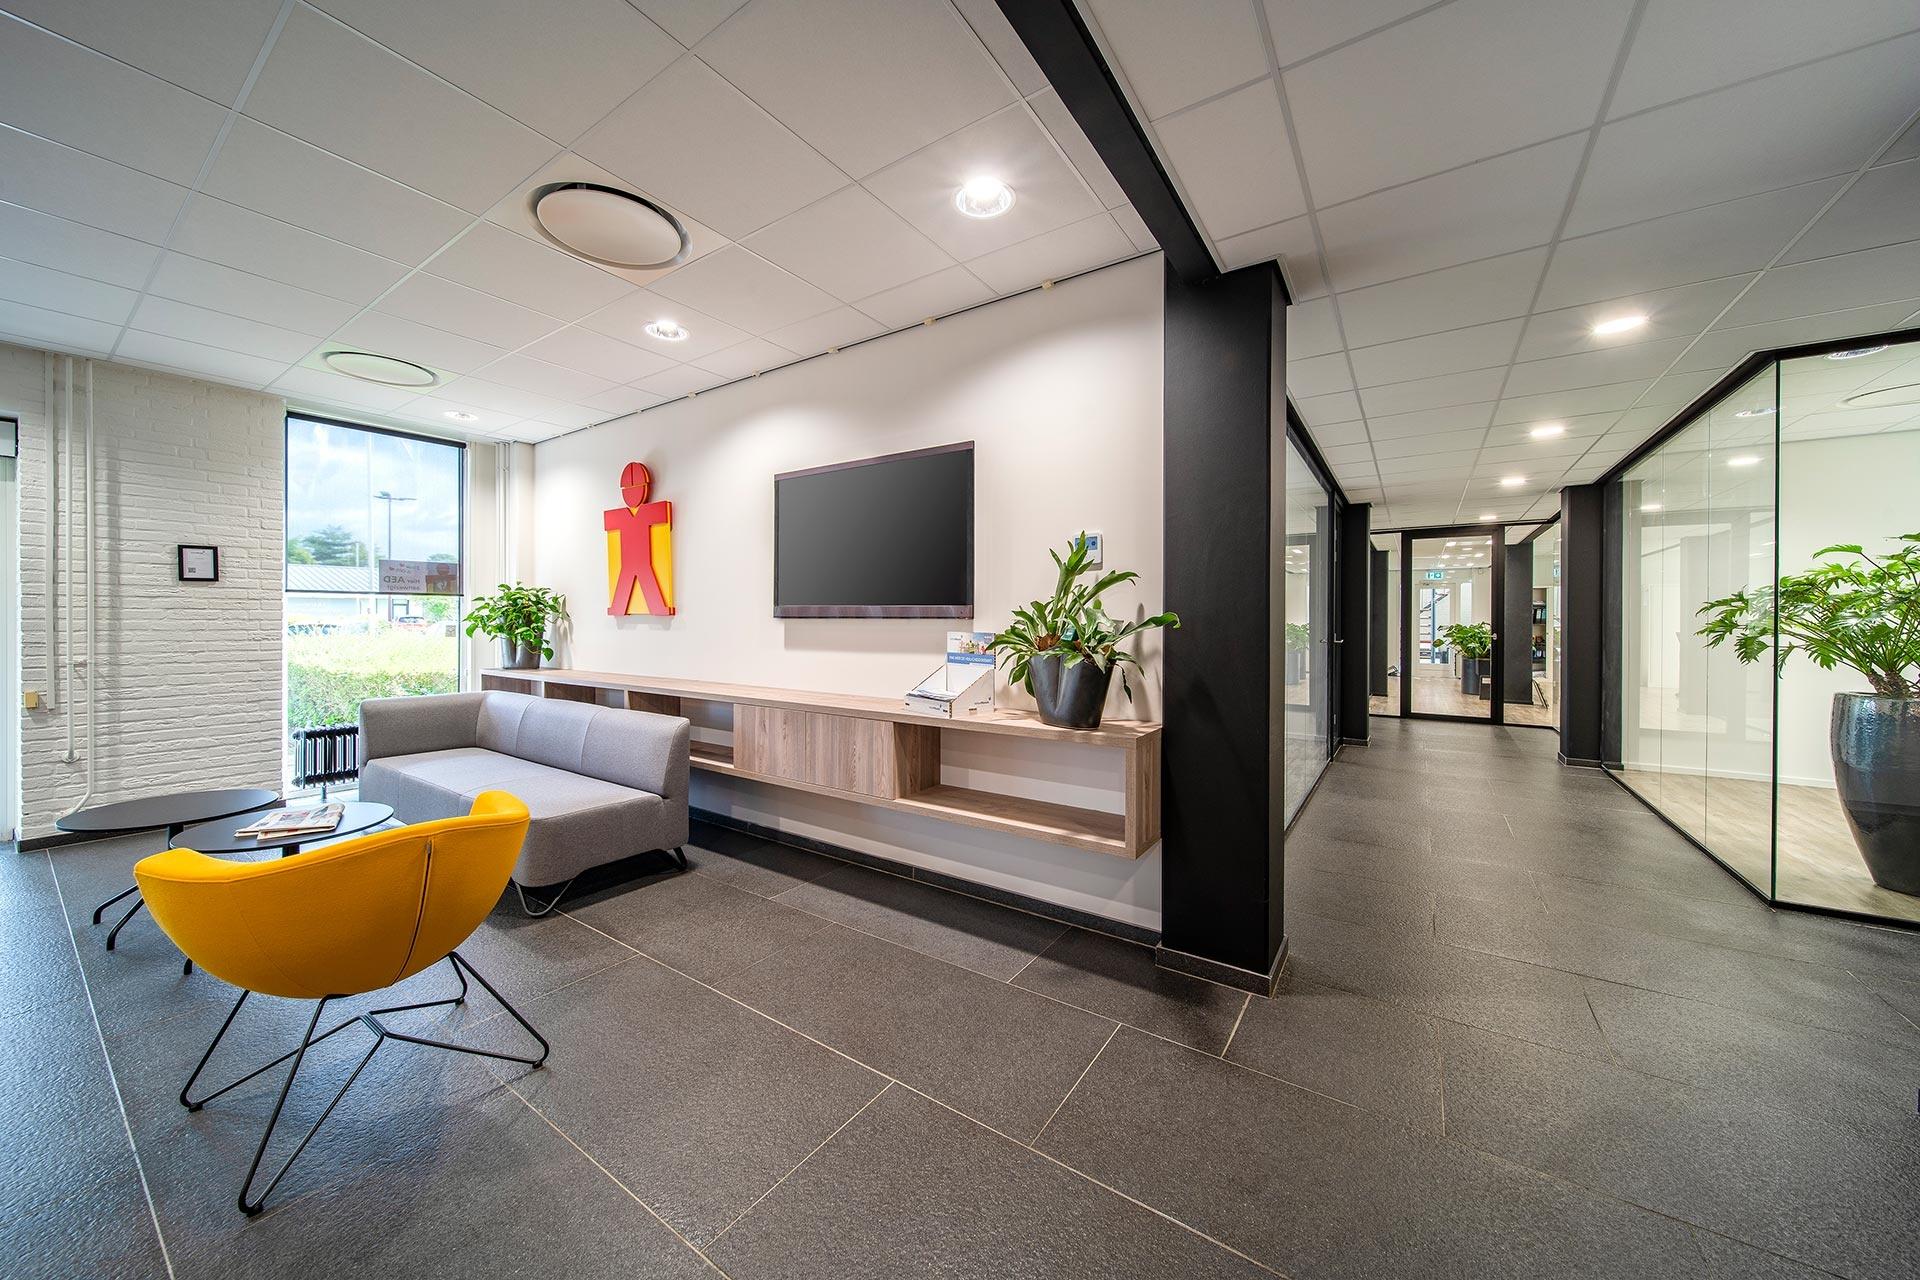 Voor aannemersbedrijf Van Agtmaal moest de focus komen te liggen op een huiselijke sfeer en comfort